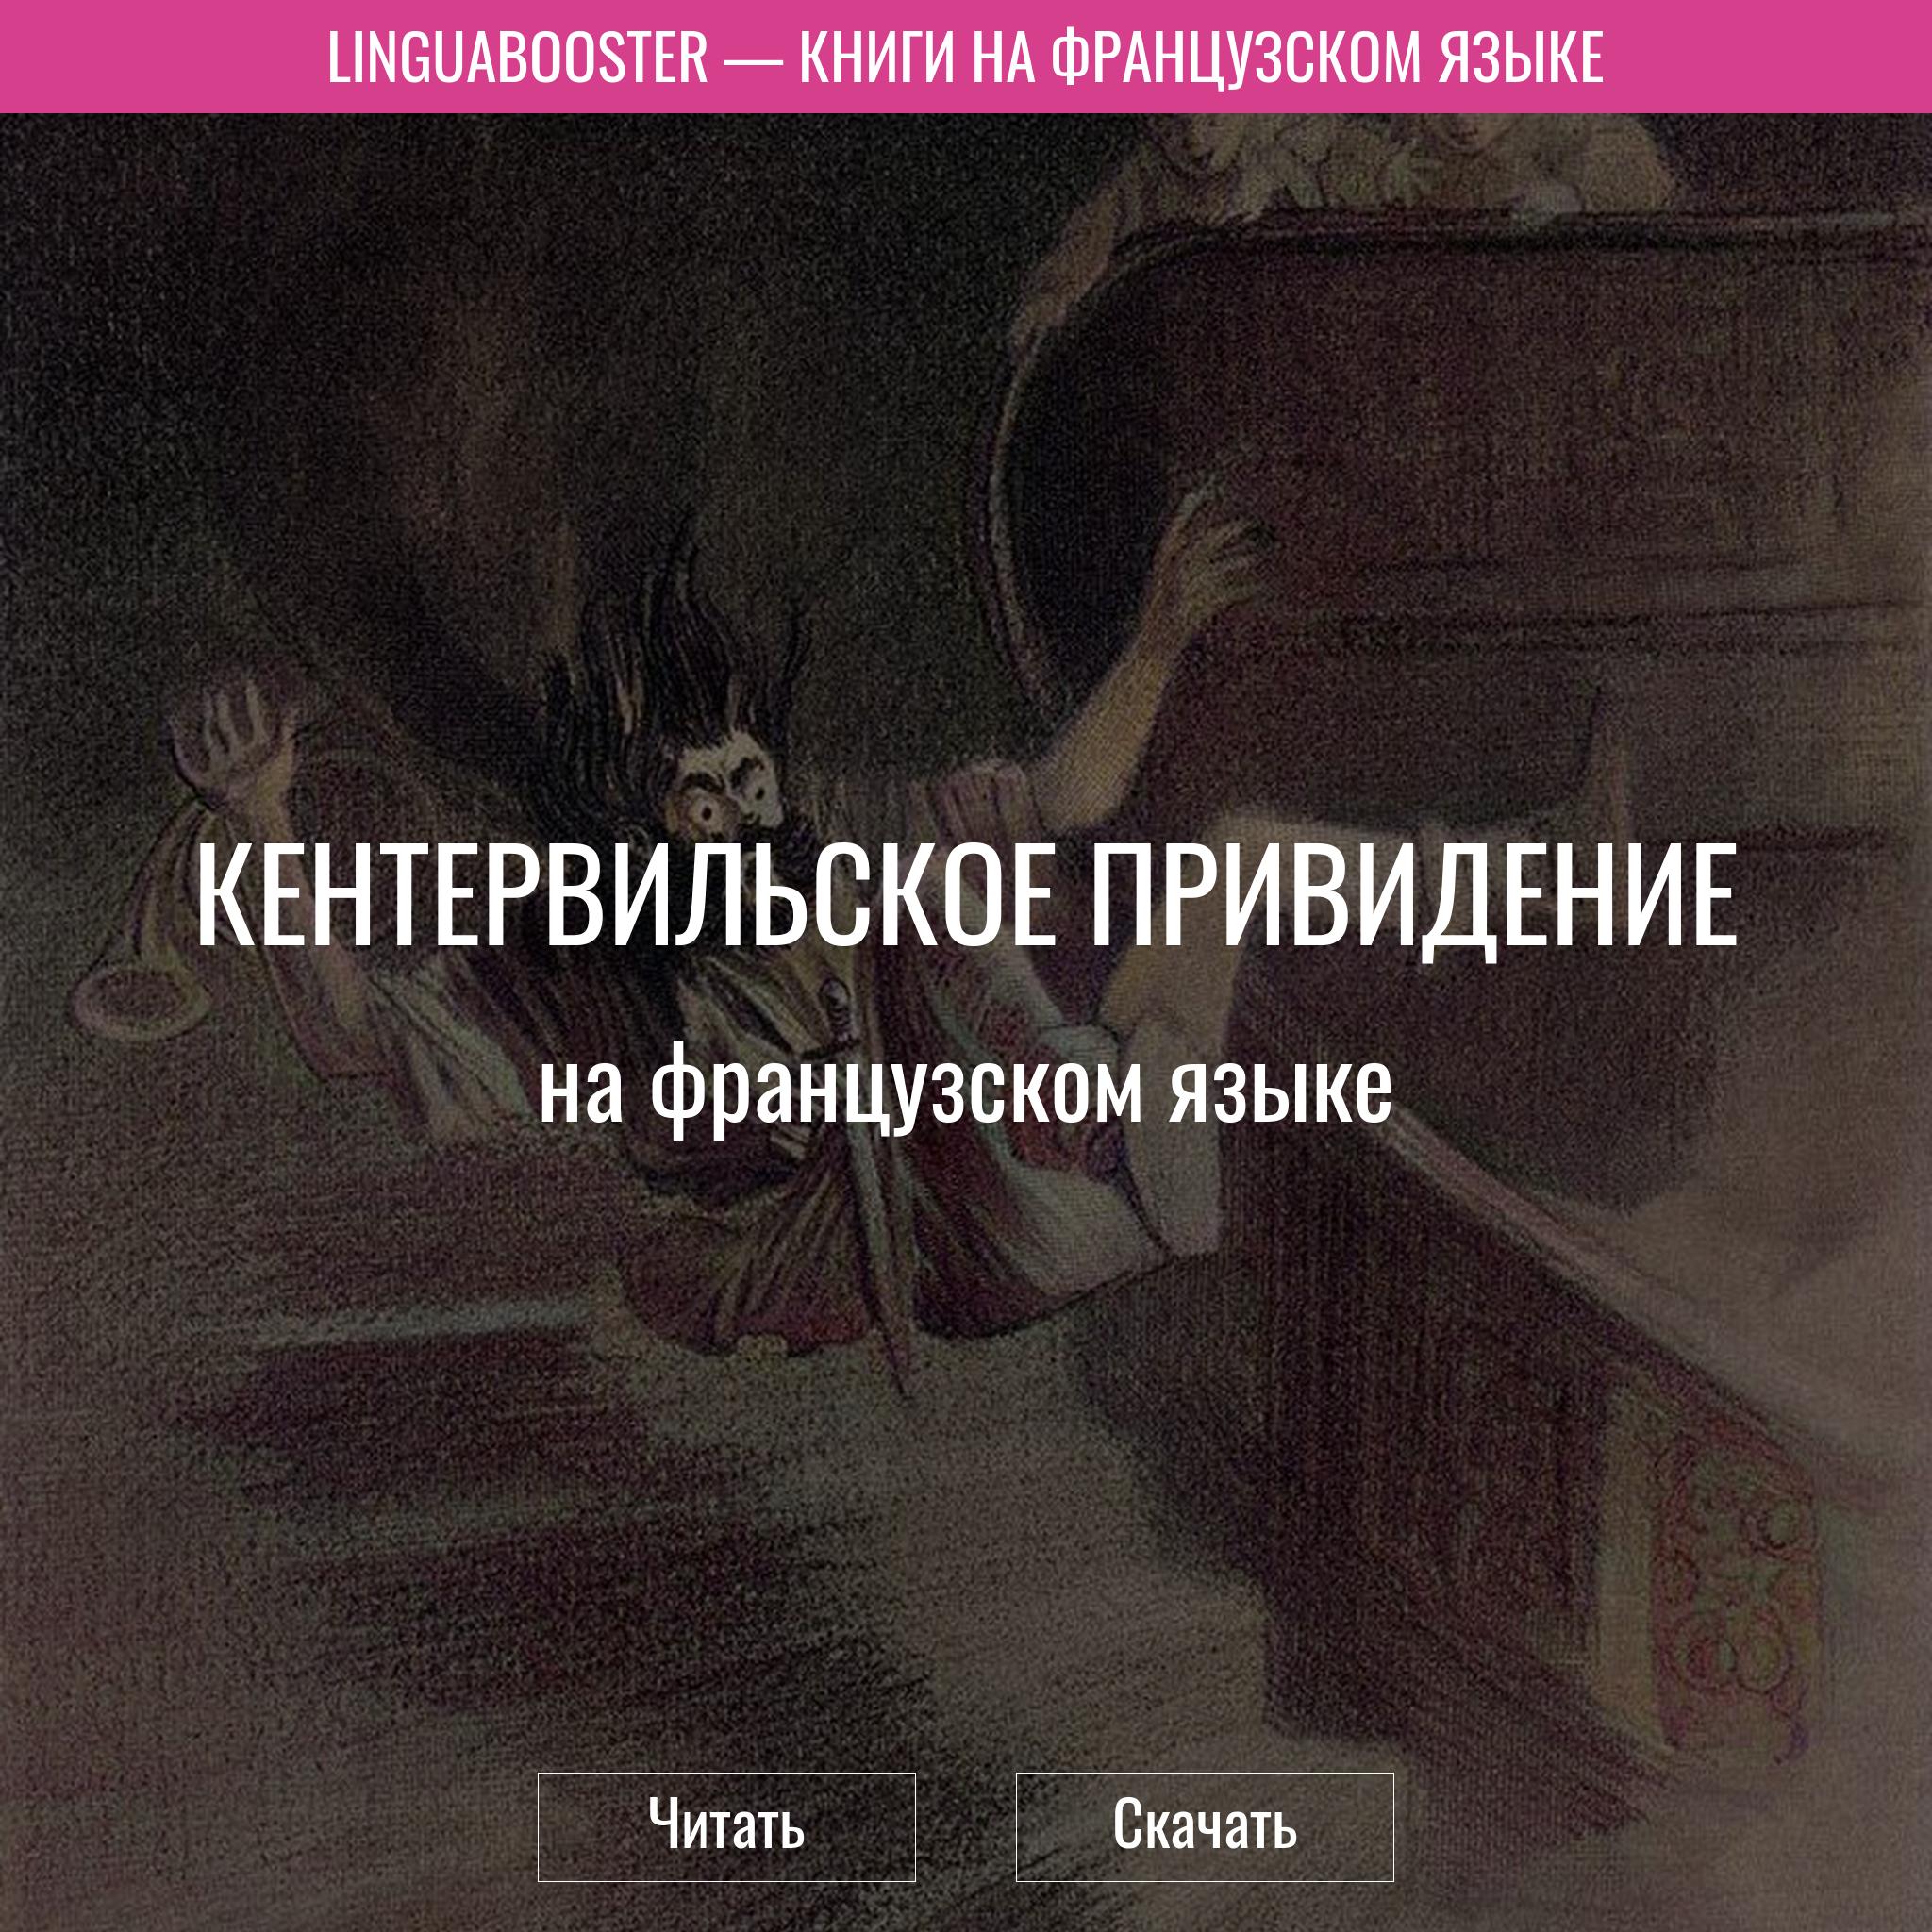 Читать книгу  «Кентервильское привидение»